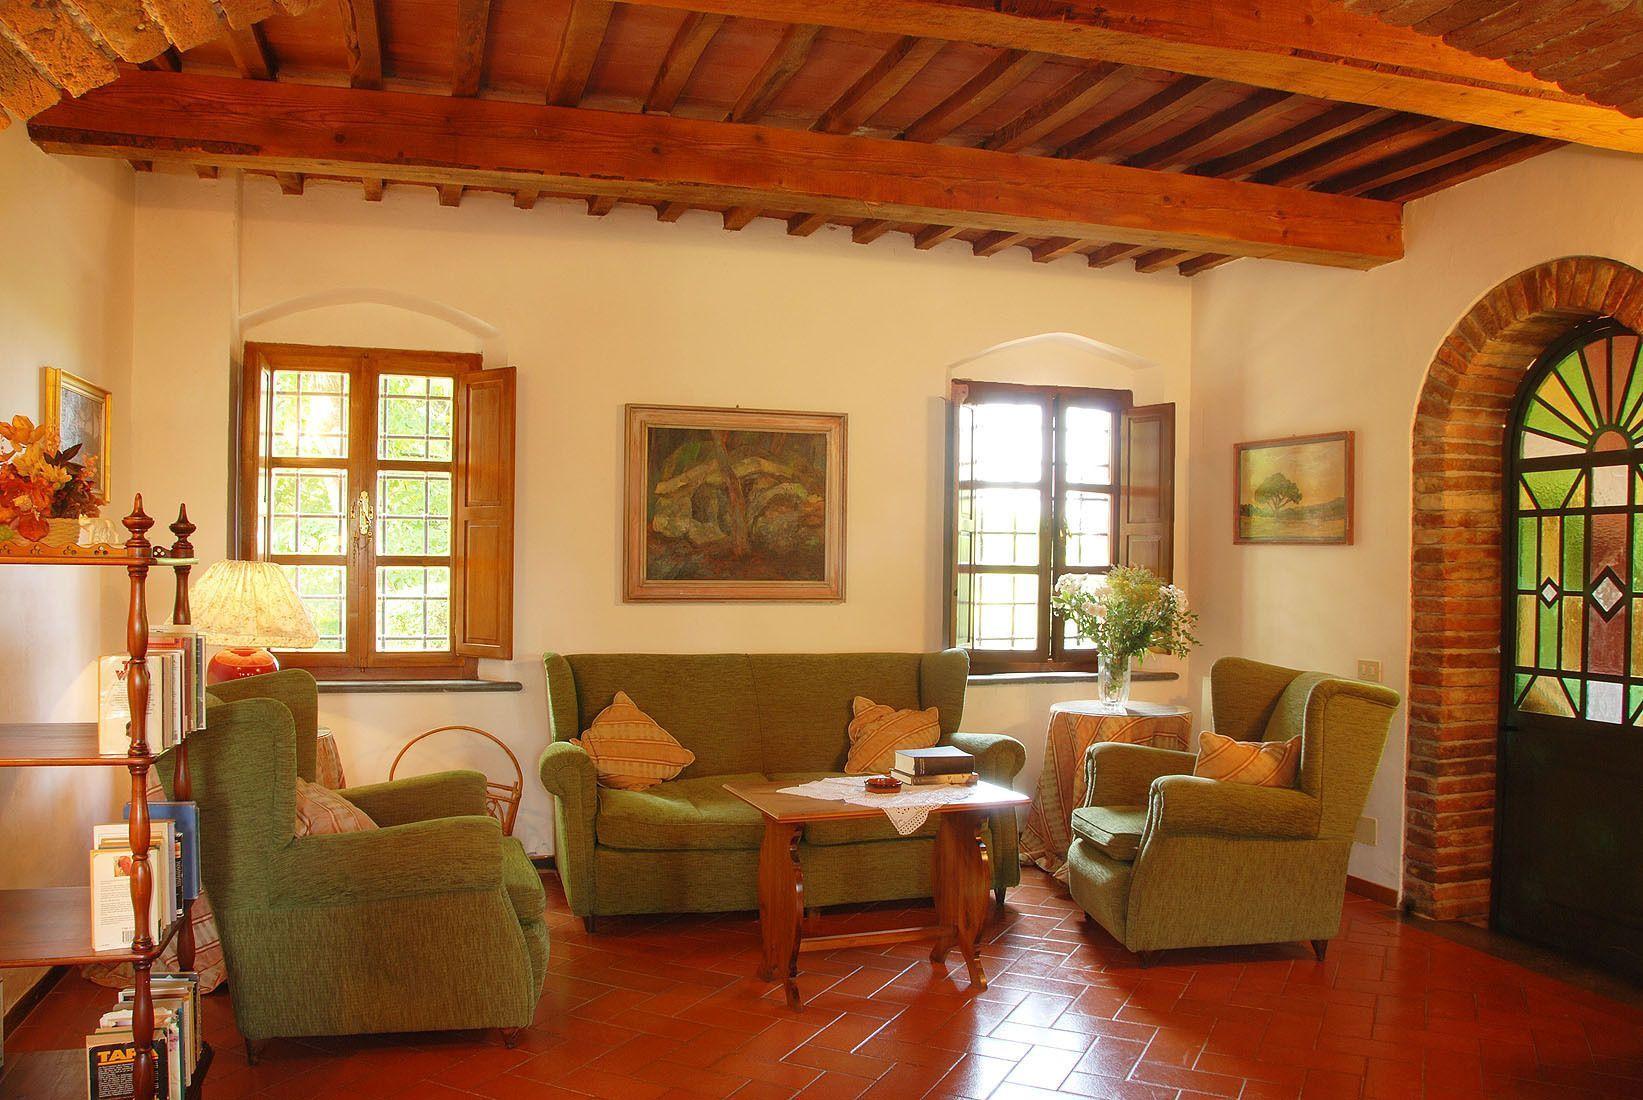 La capanna casa vacanze con 12 posti letto in 6 camere montelopio toscana italia - Camere posti letto ...